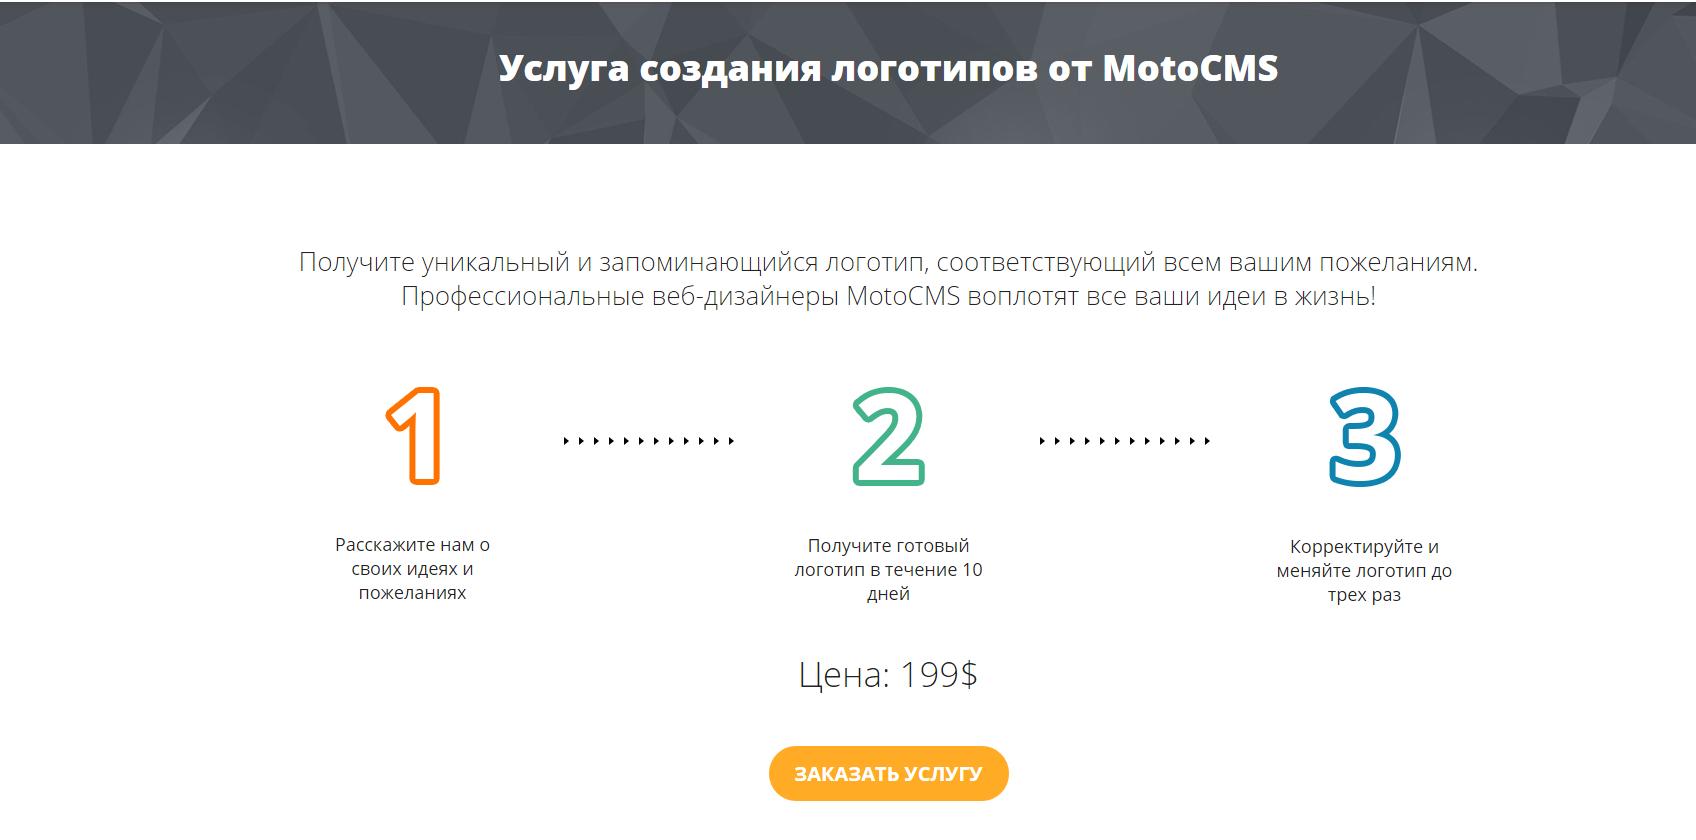 Услуга создания логотипов от MotoCMS